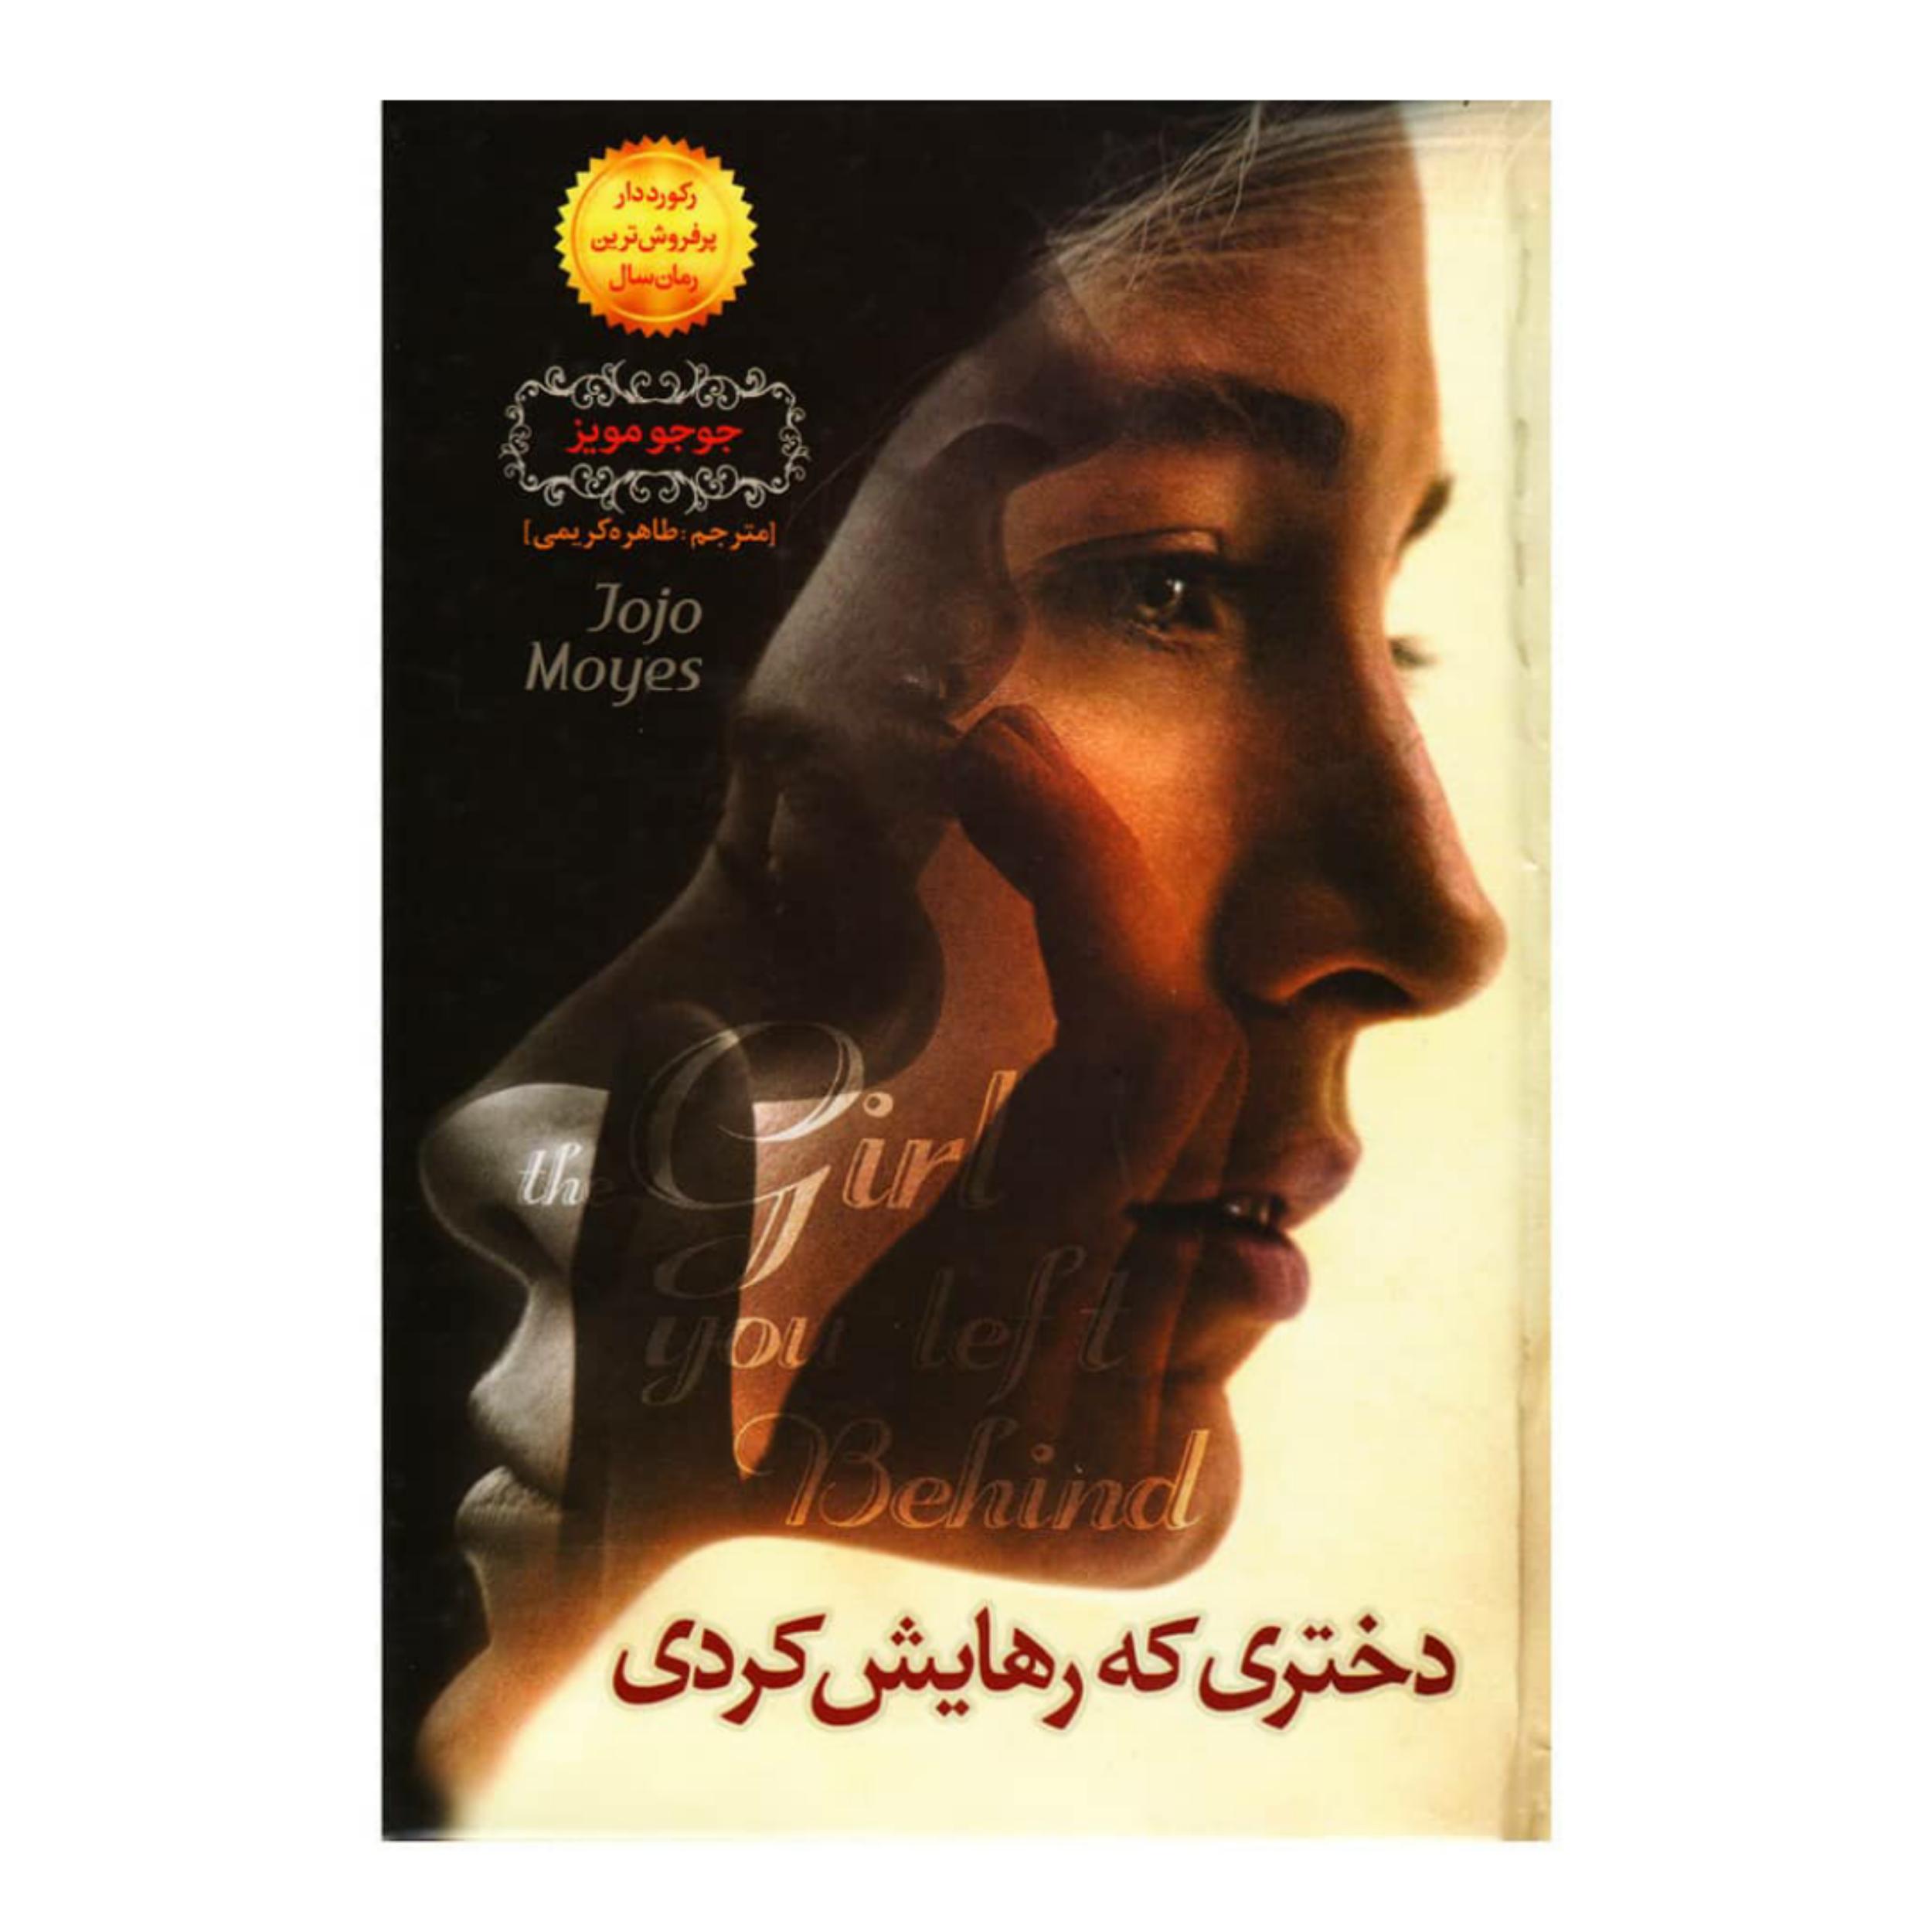 خرید                      کتاب دختری که رهایش کردی اثر جوجو مویز انتشارات نسیم قلم